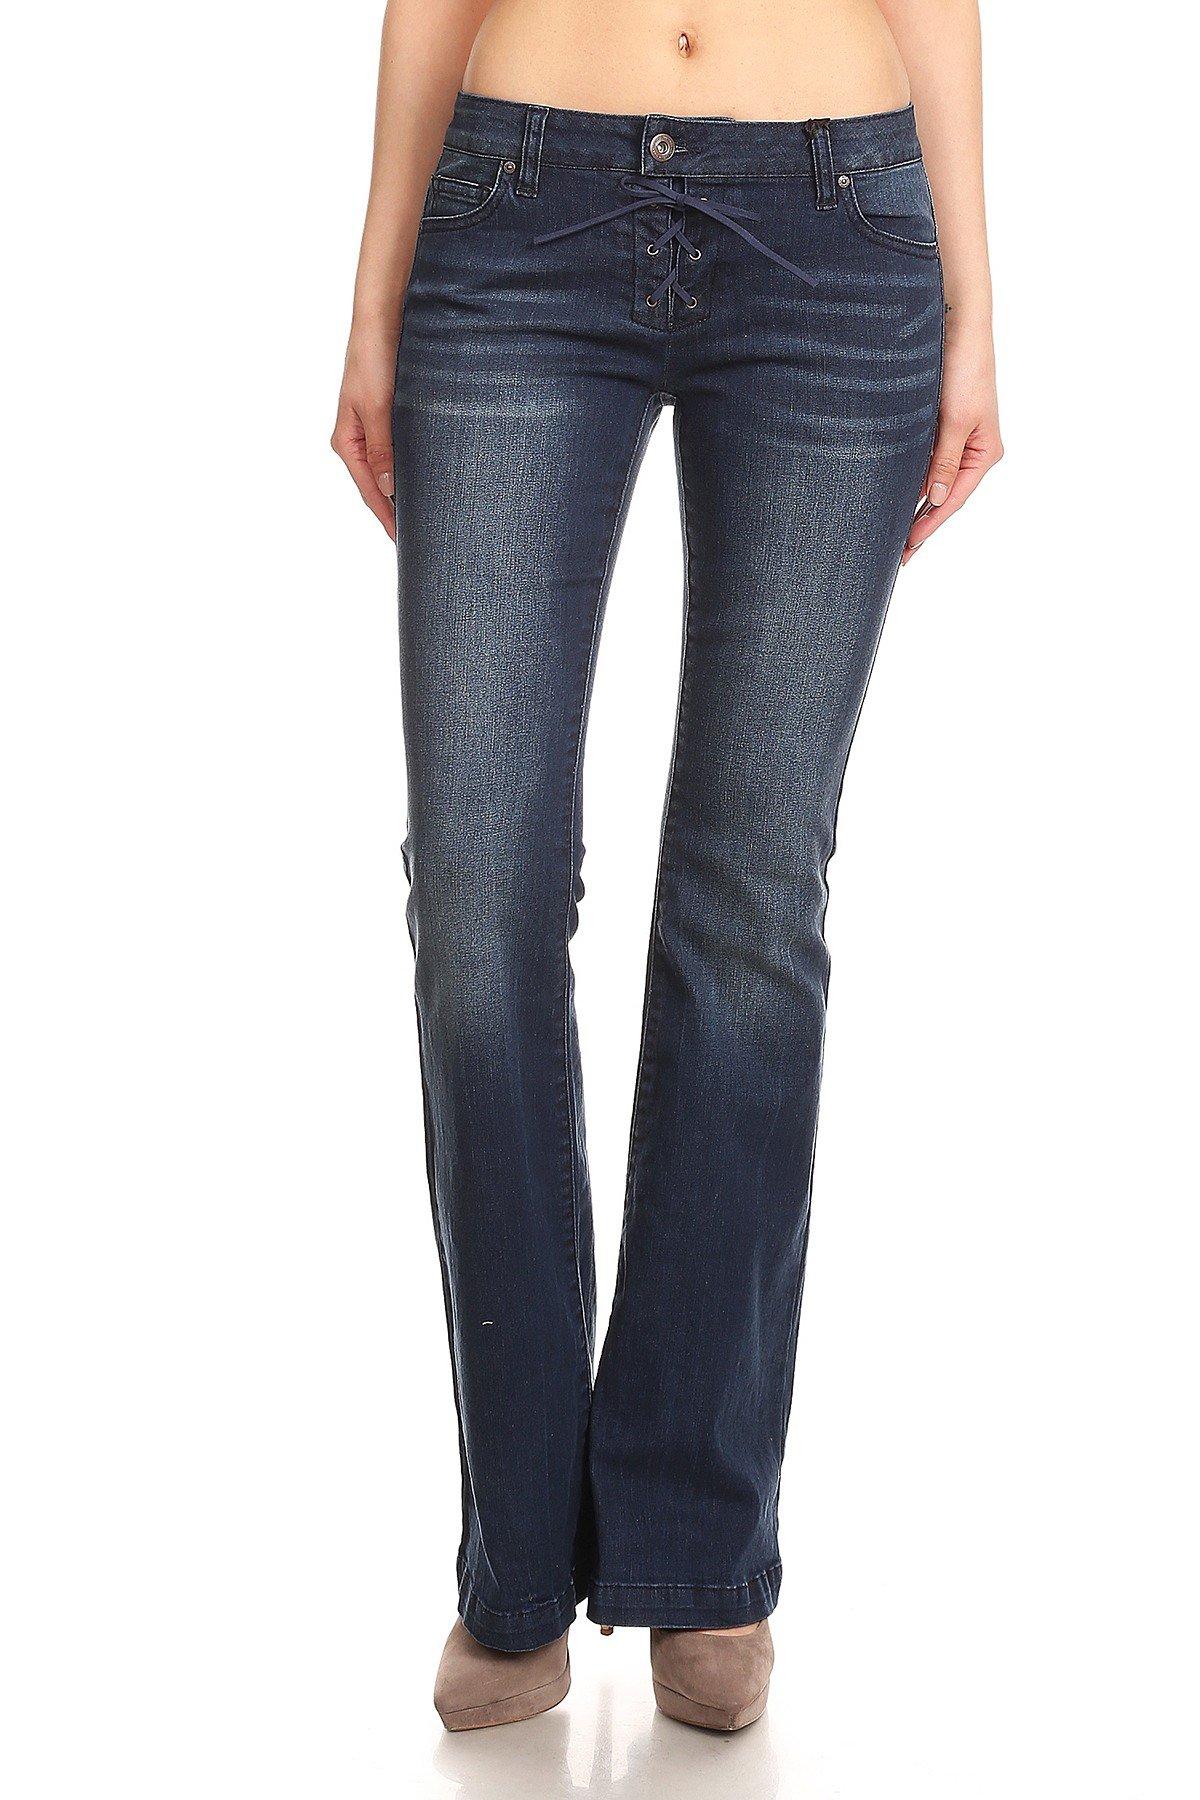 Wax Jean Womens Juniors 70s Trendy Slim Fit Flared Bell Bottom Denim Jeans Pants (Dark Blue Wash, 1)